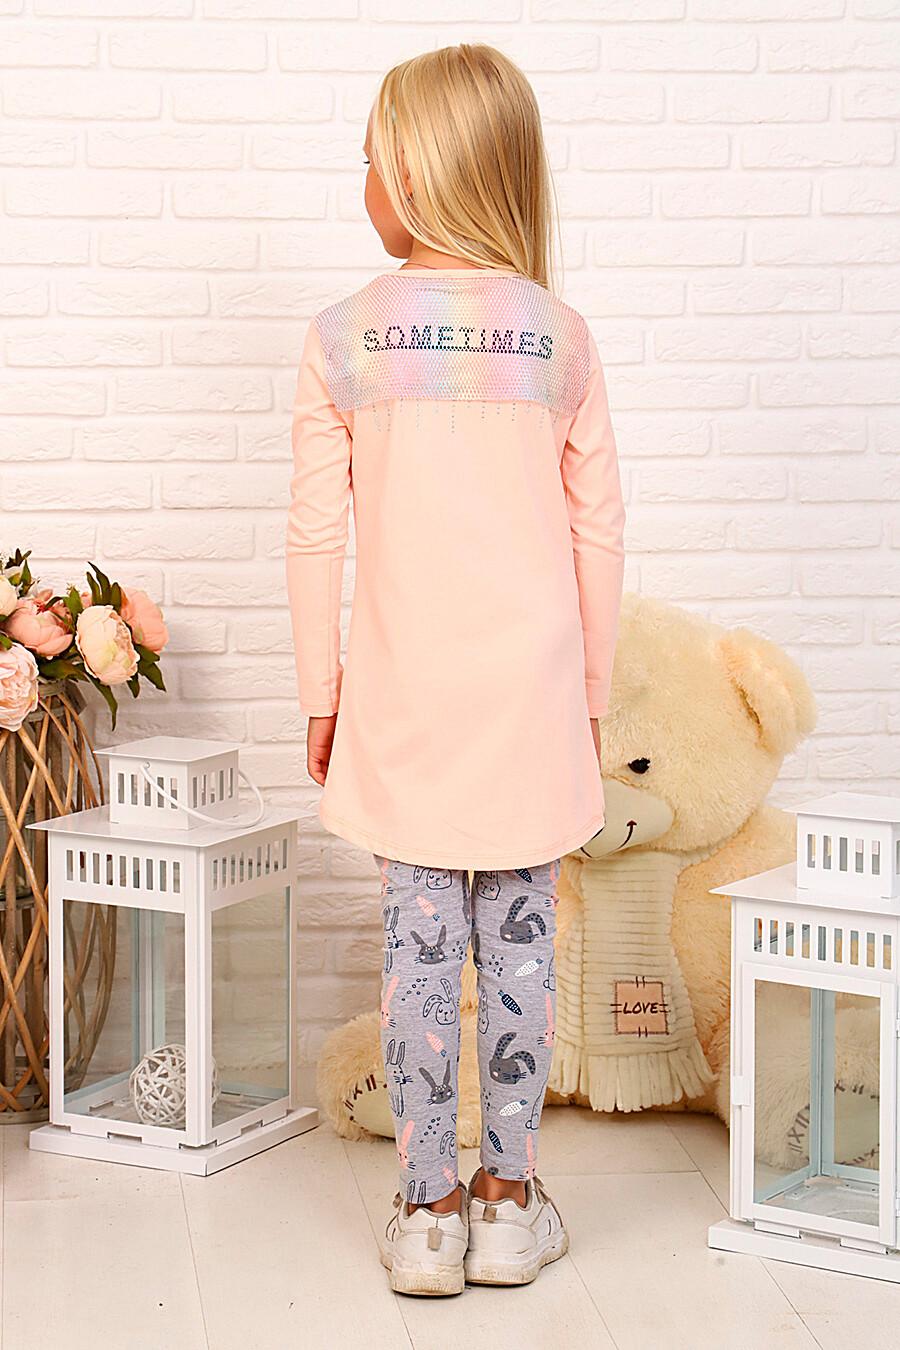 Туника для девочек SOFIYA37 667981 купить оптом от производителя. Совместная покупка детской одежды в OptMoyo